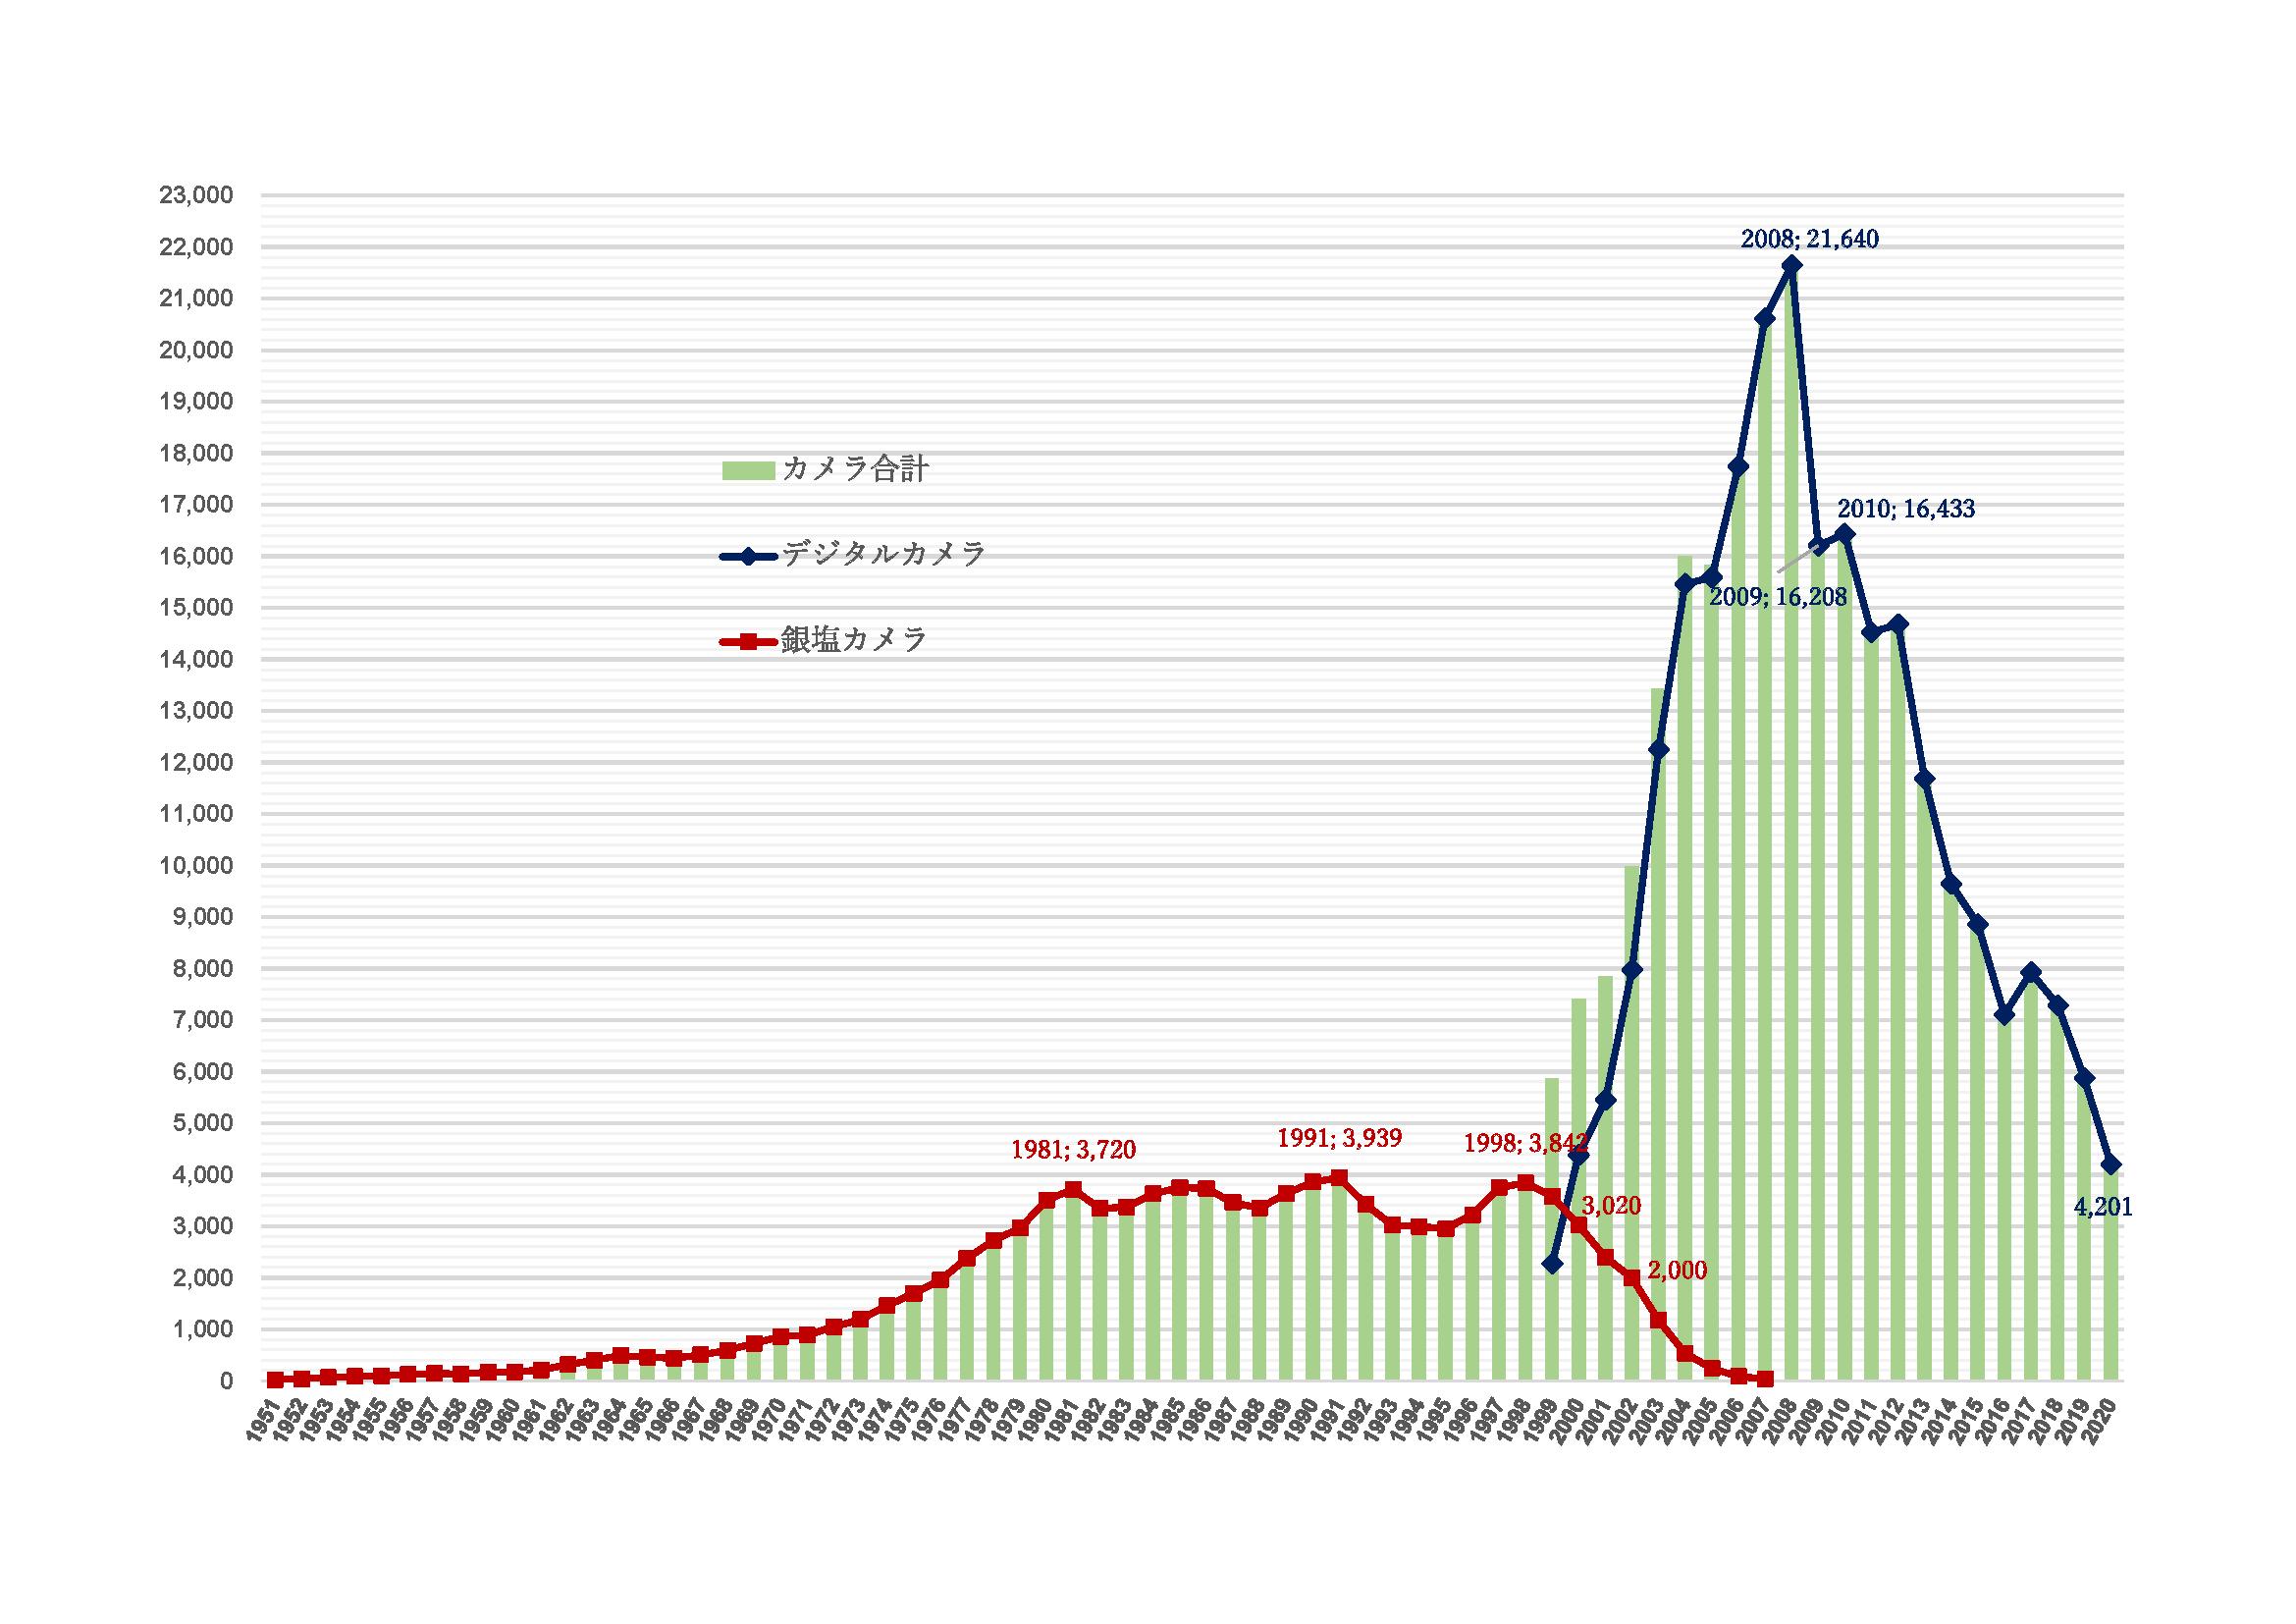 カメラの出荷金額の歴史的推移(単位:億円)